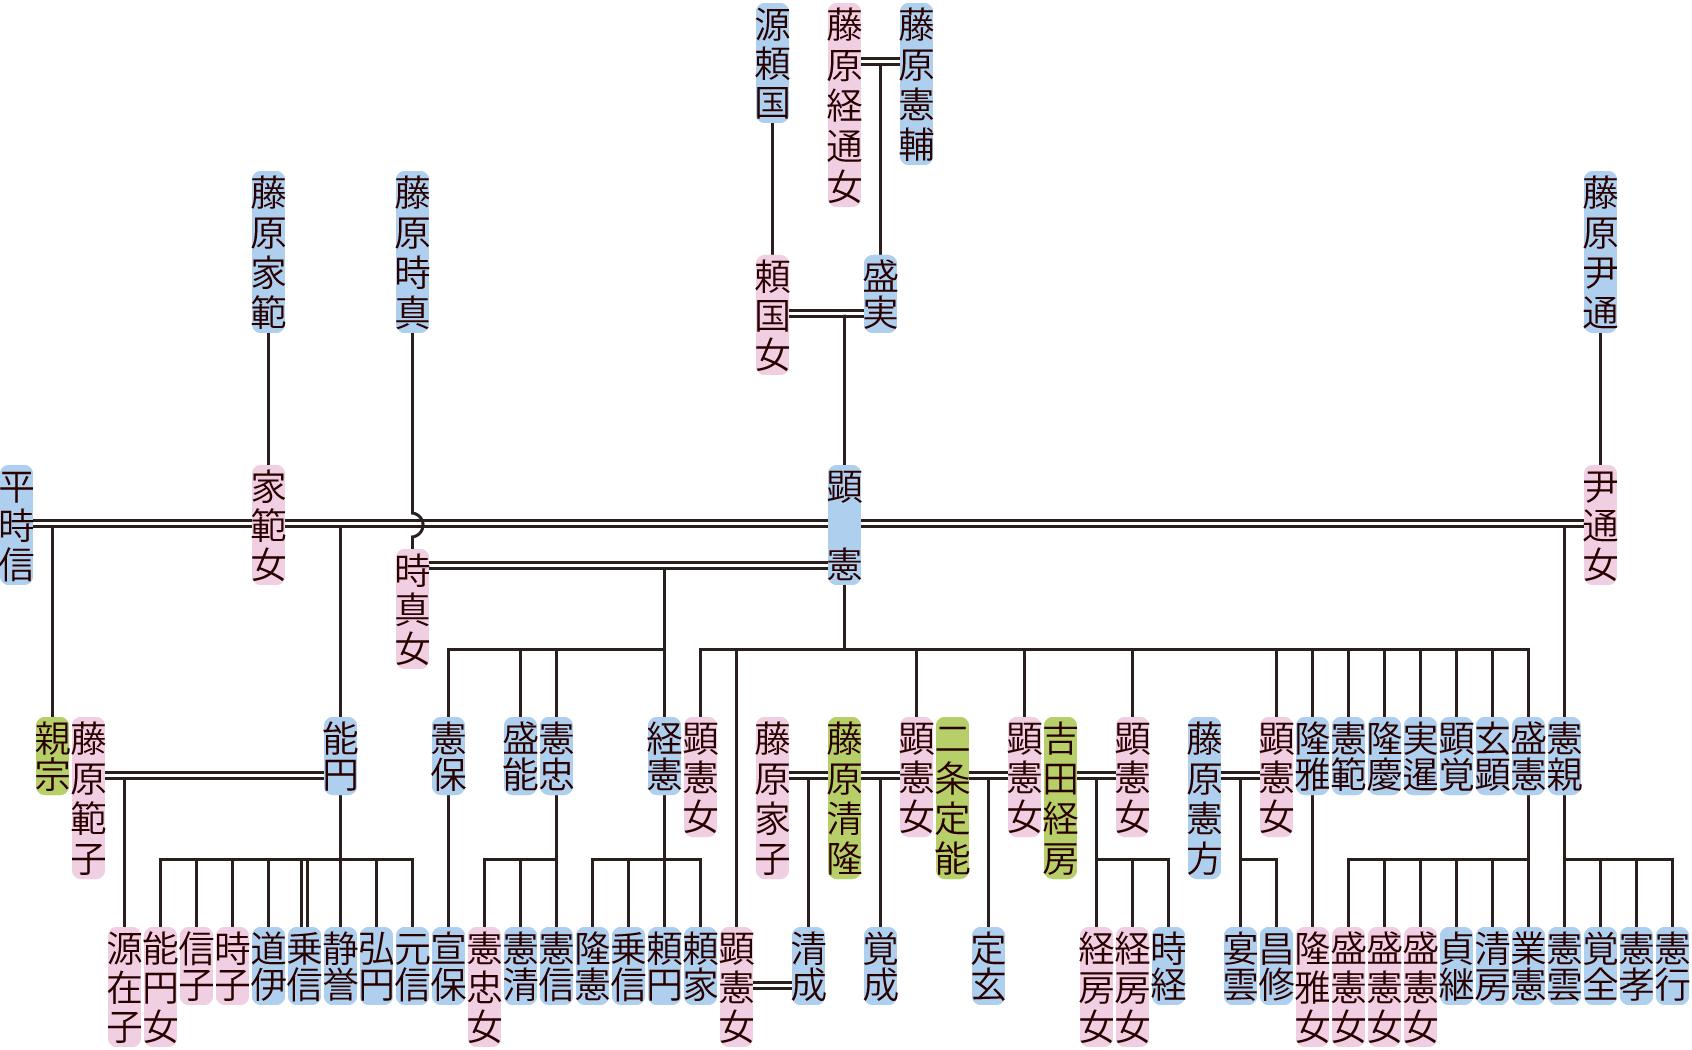 藤原顕憲の系図